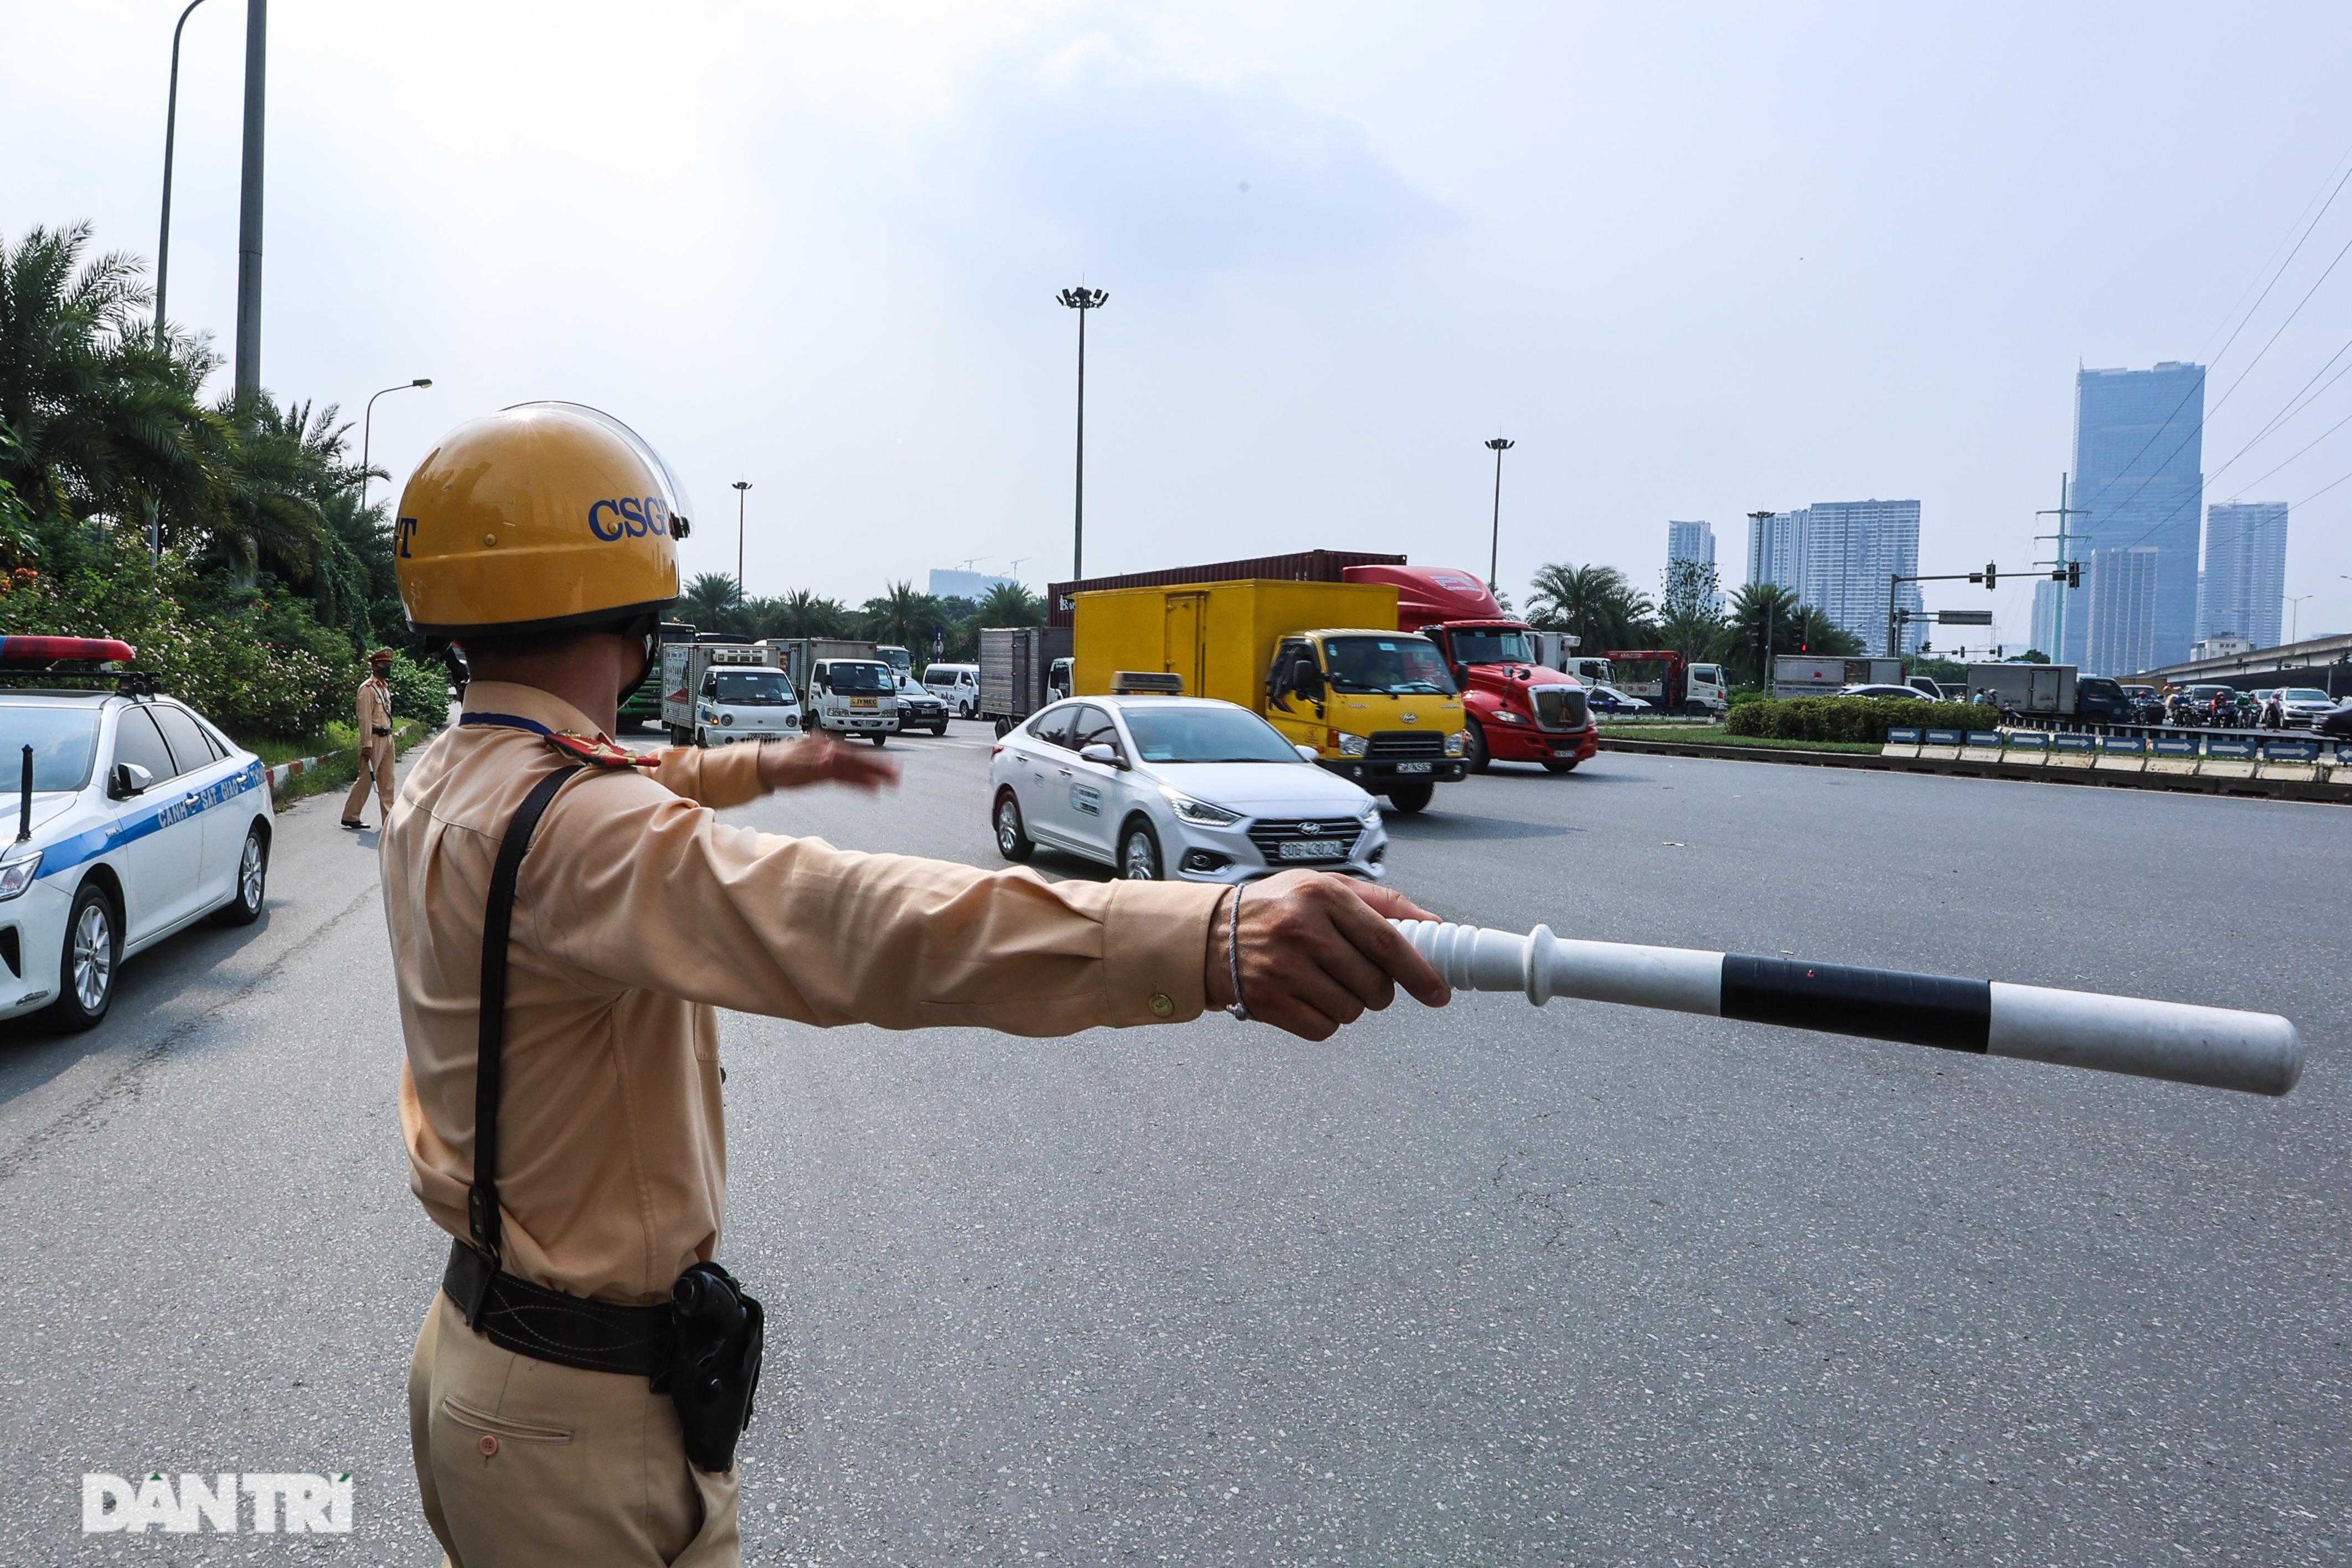 Hà Nội: Chim mồi bám CSGT và cú điện thoại mật báo tới nhà xe - 16